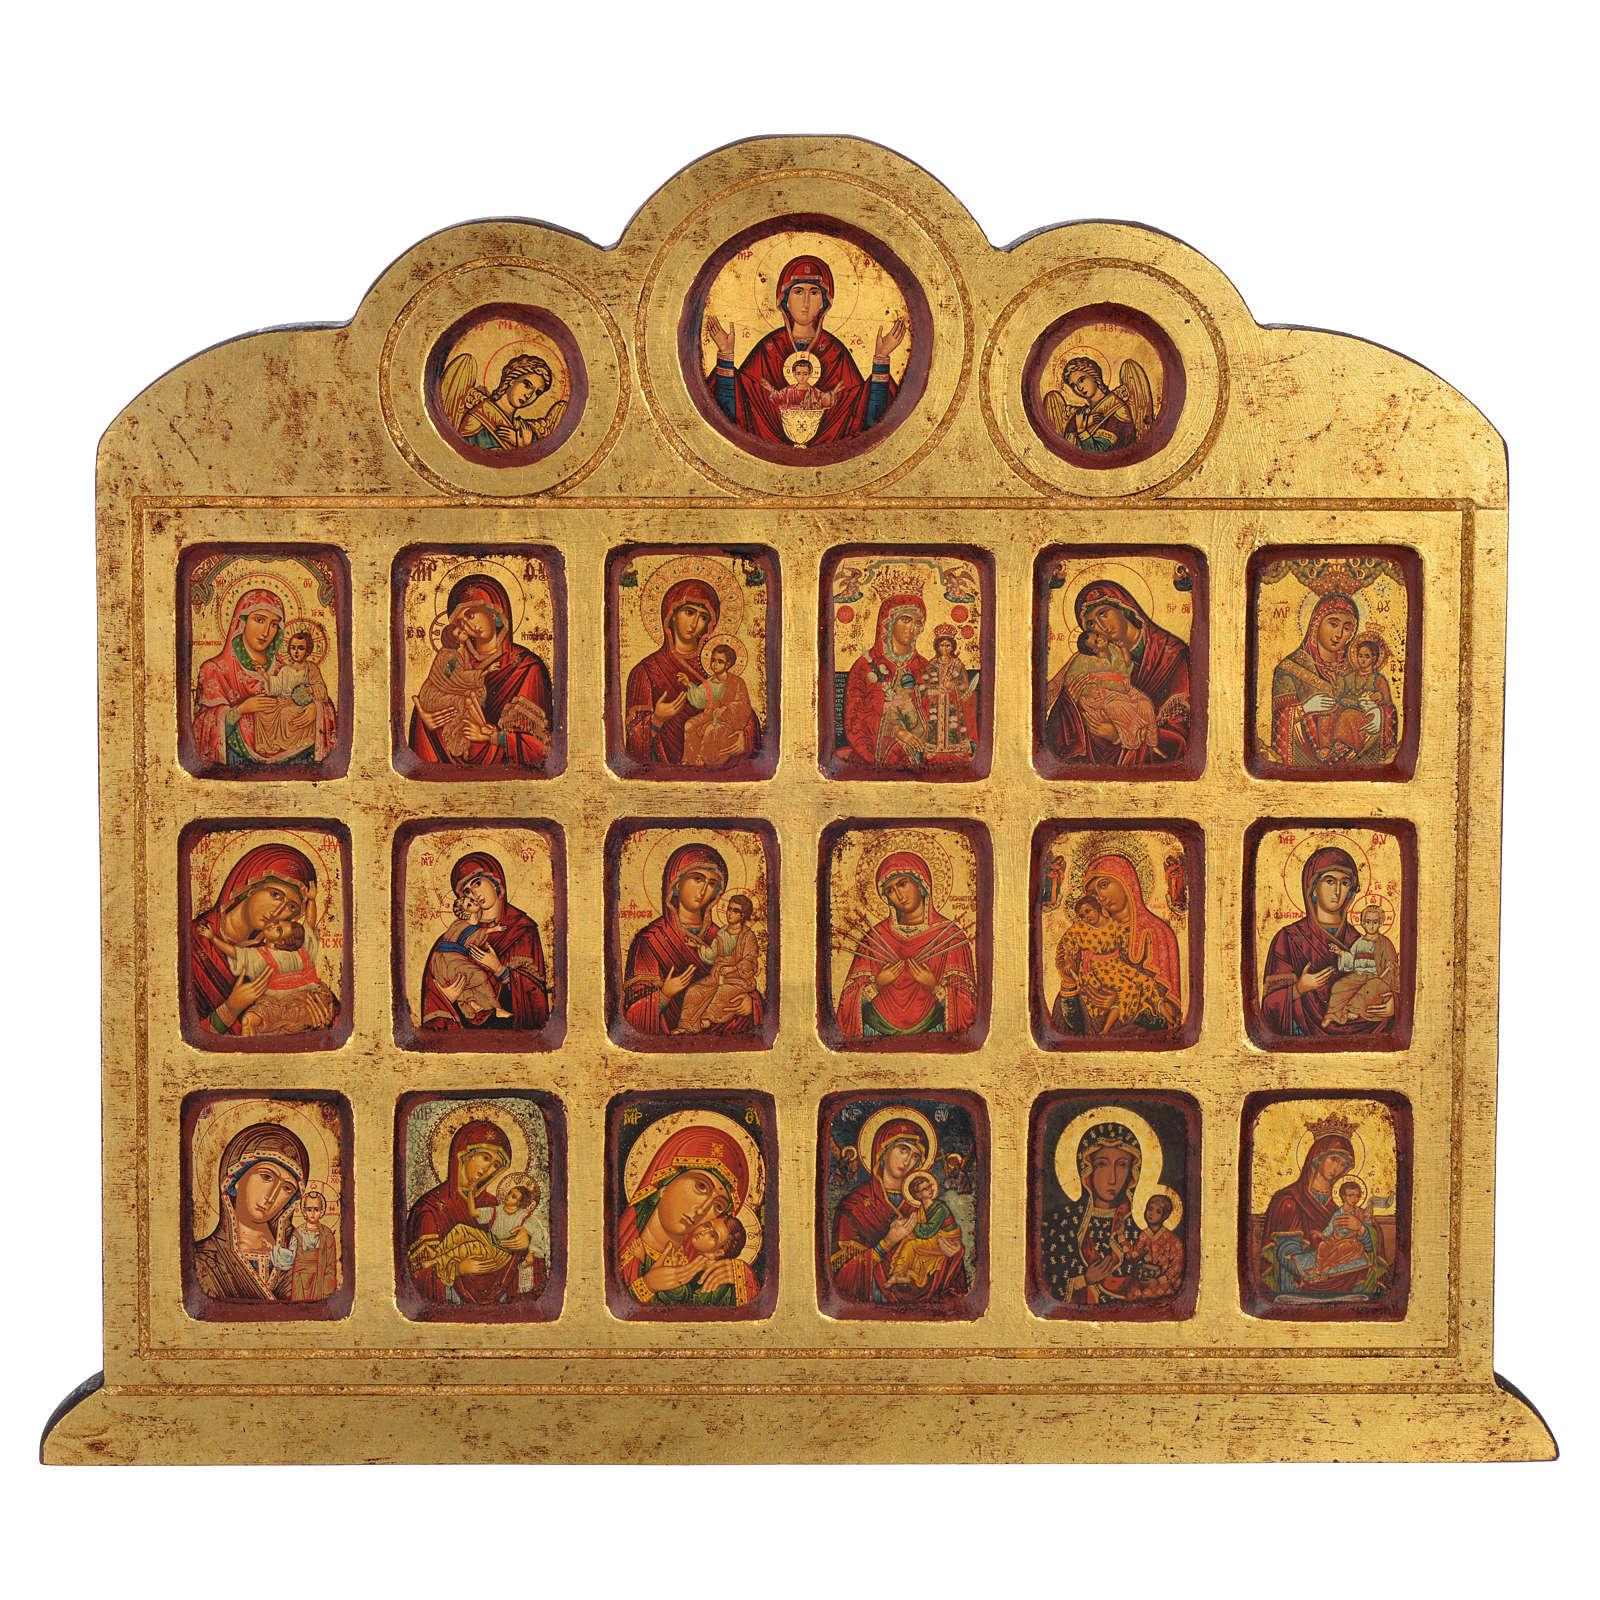 Icona serigrafia 19 immagini Madonna 42x36 4